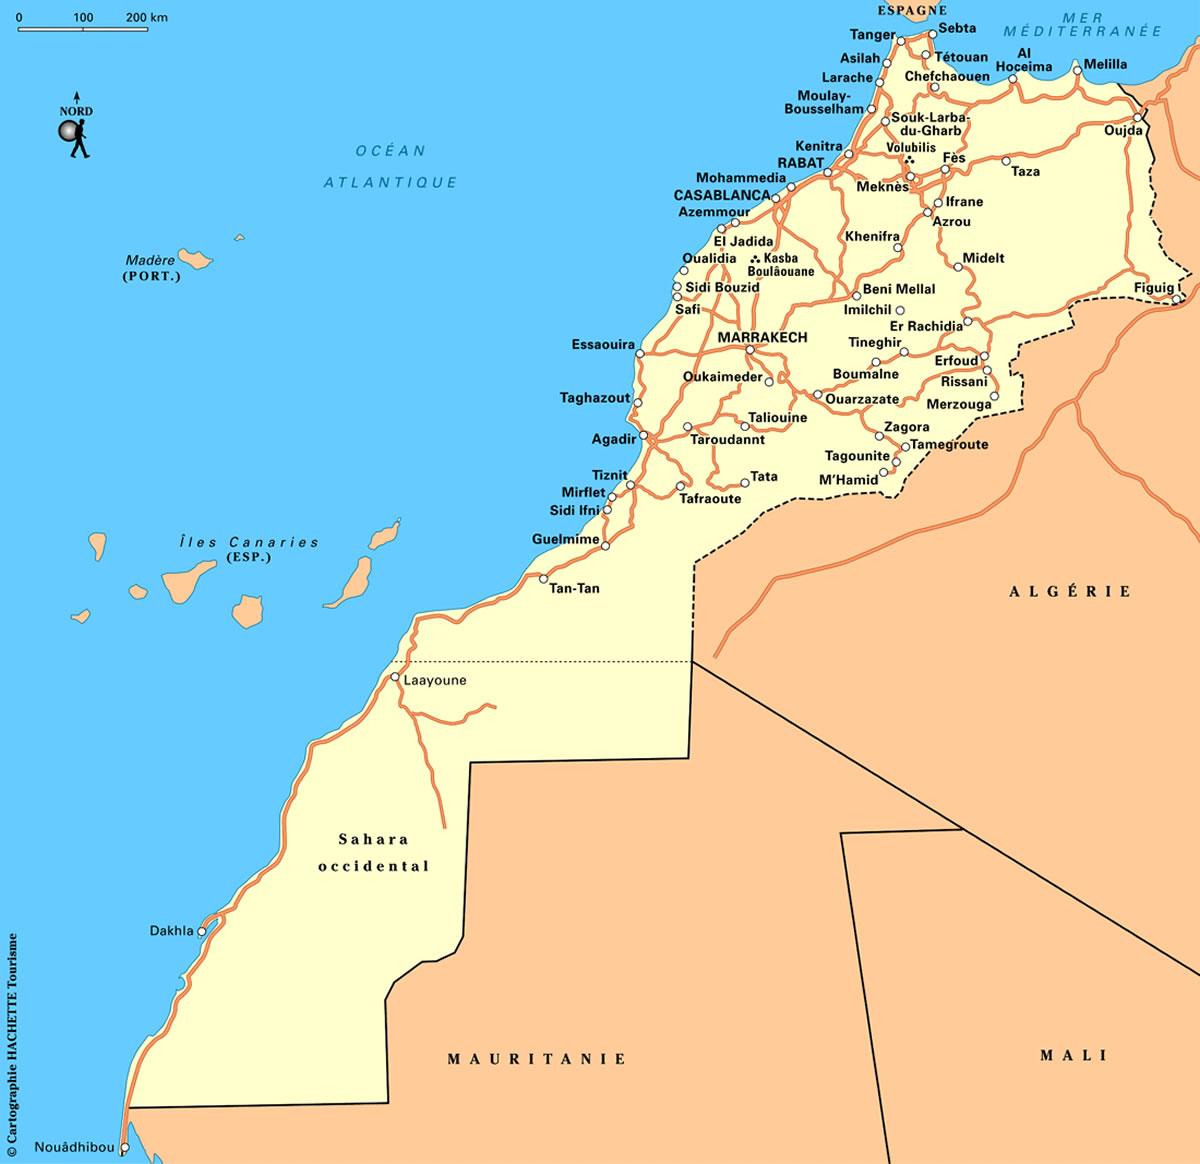 carte routes du maroc carte routi re marocaine carte des routes du maroc. Black Bedroom Furniture Sets. Home Design Ideas